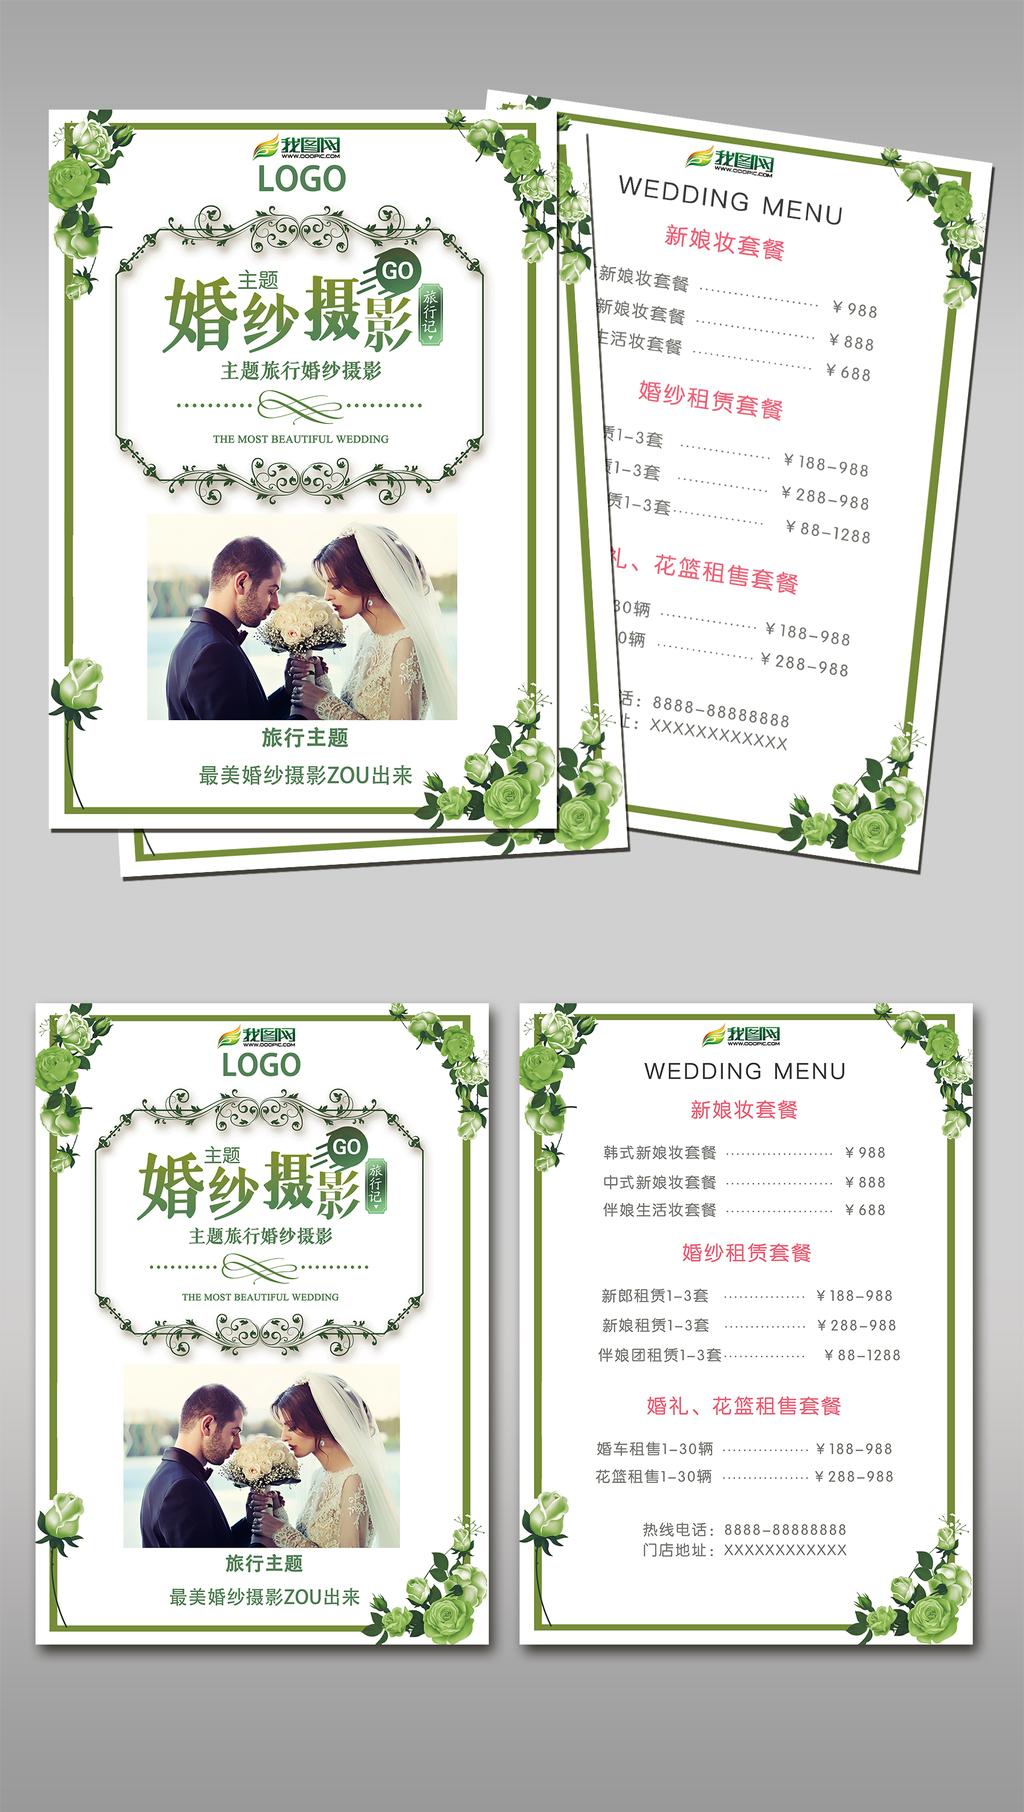 简易婚纱影楼摄影宣传单设计模板图片素材_高清psd(19